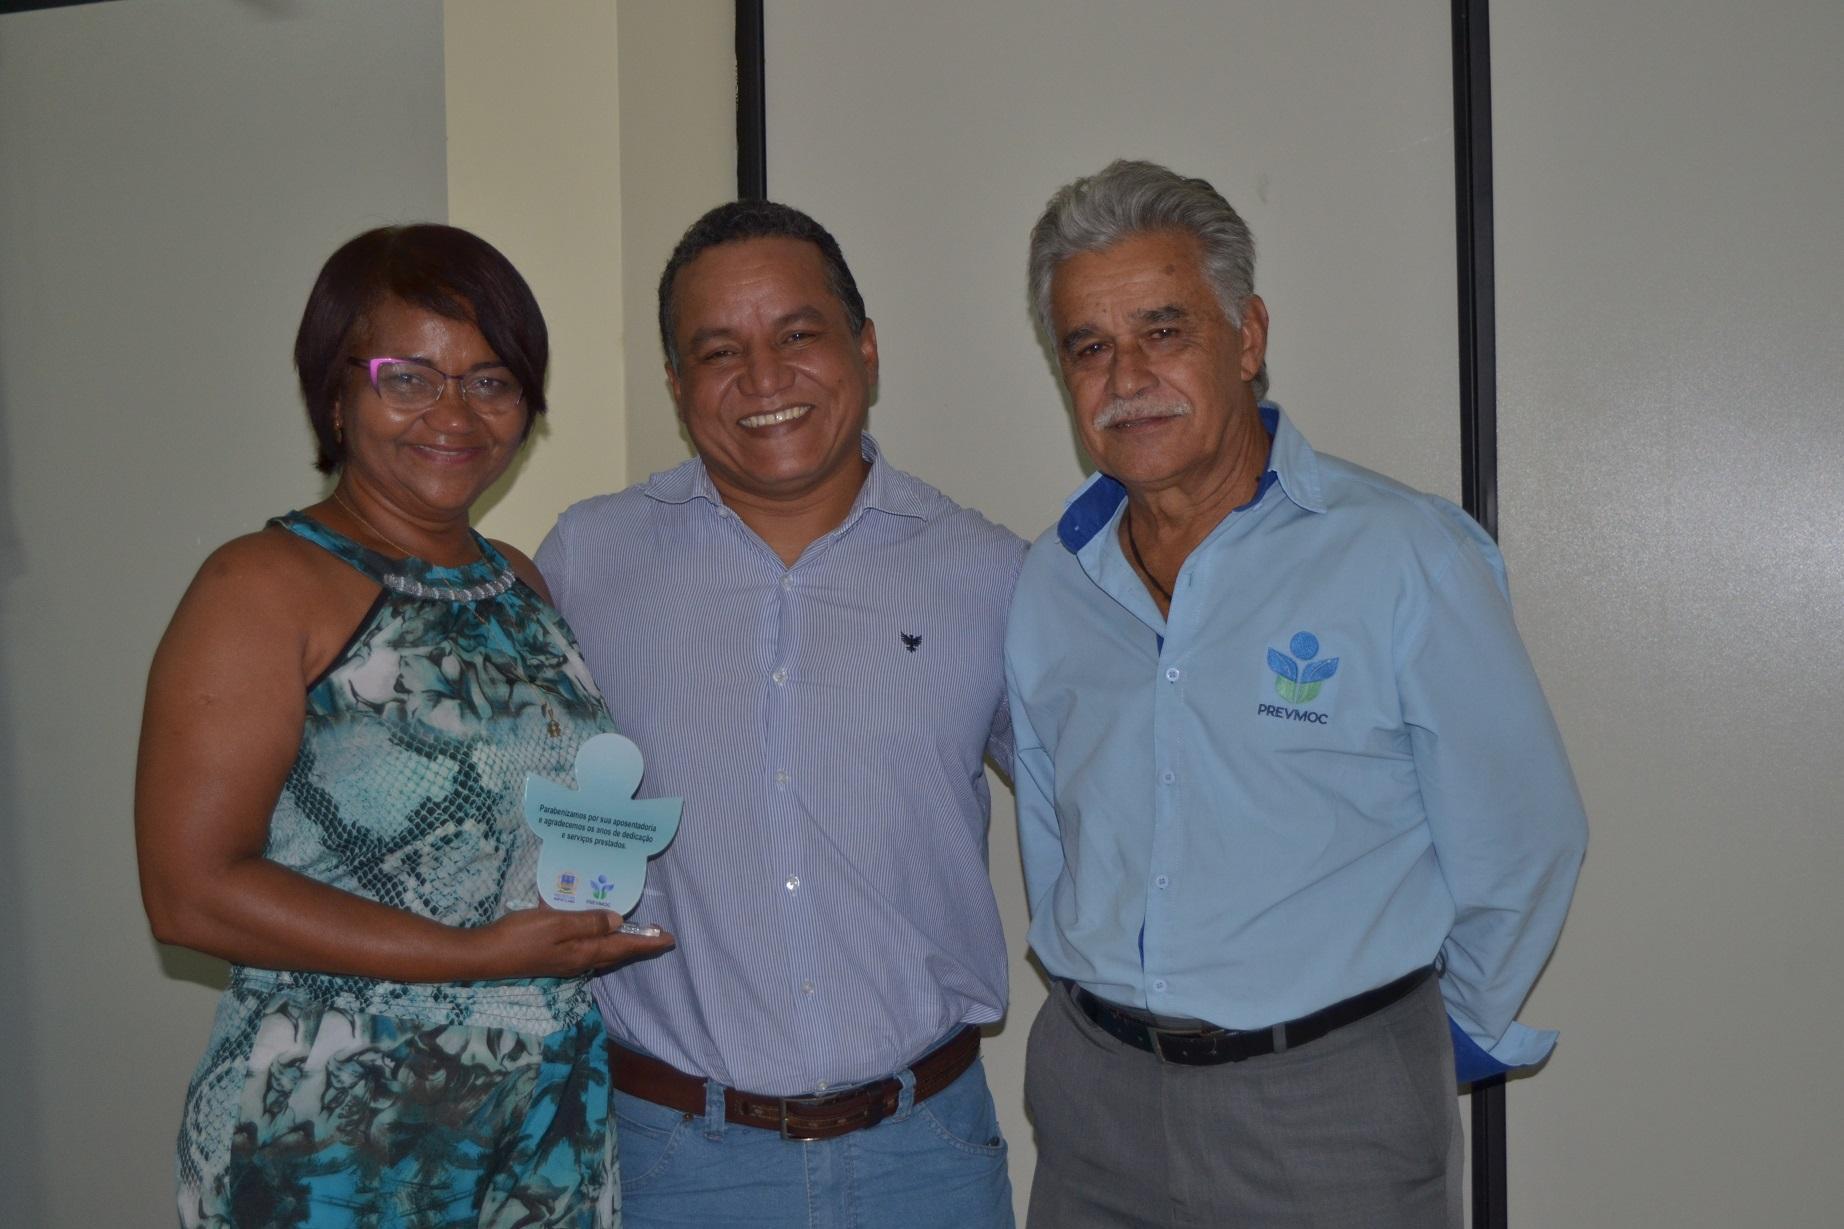 Imagem de destaque Prefeitura homenageia novos servidores aposentados